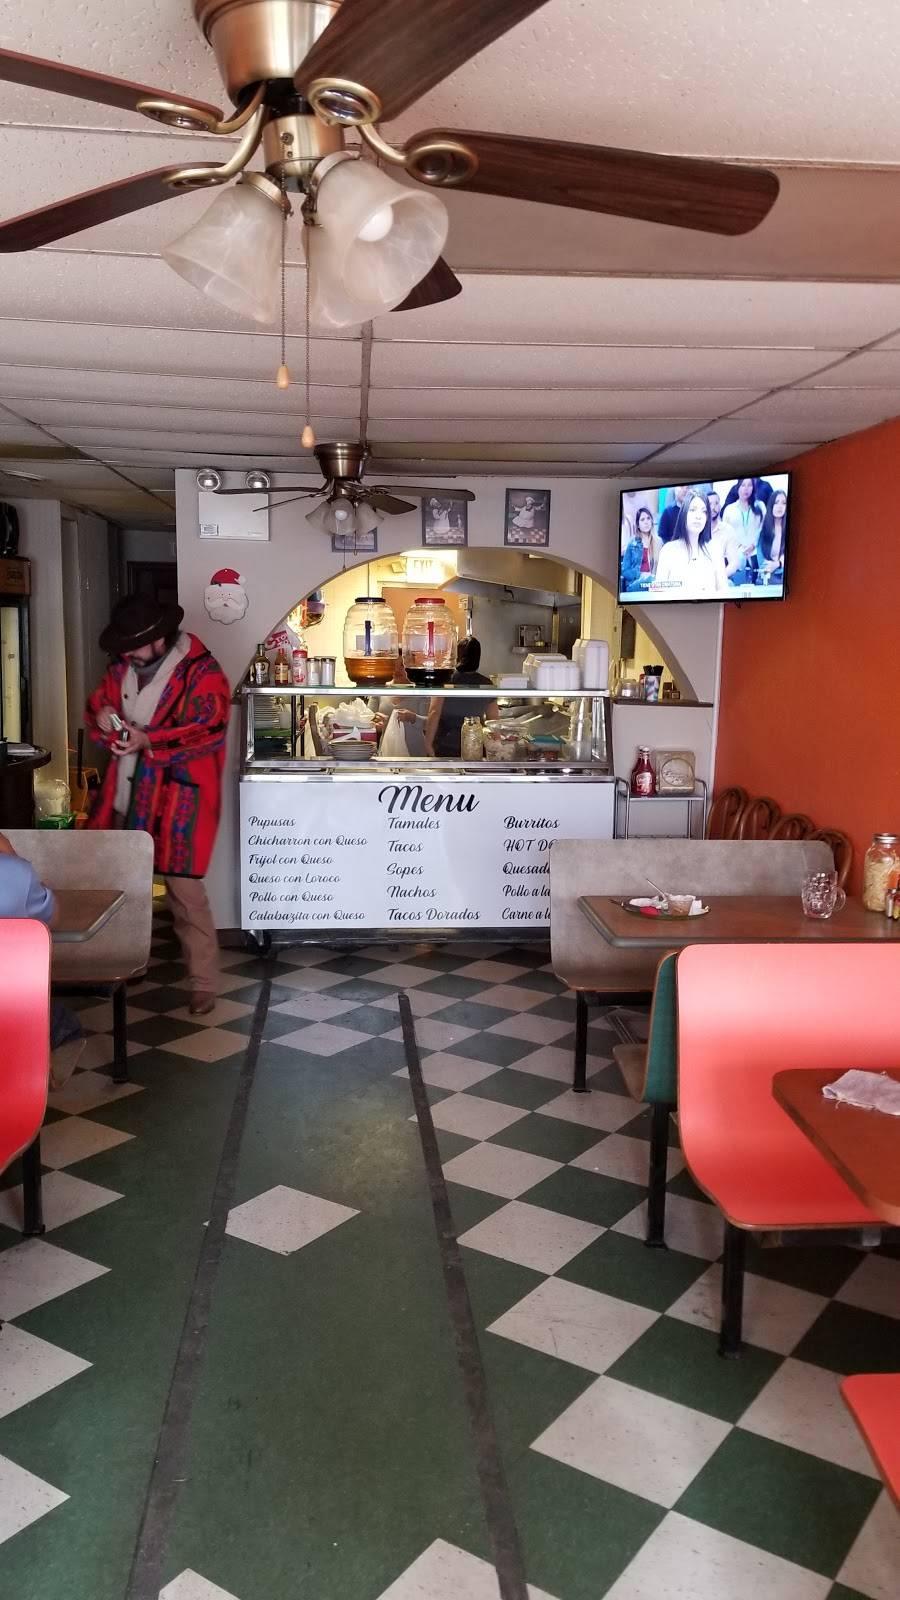 Restaurante Pupuseria Salvadorena | restaurant | 125 E Commerce St, Bridgeton, NJ 08302, USA | 8562214855 OR +1 856-221-4855